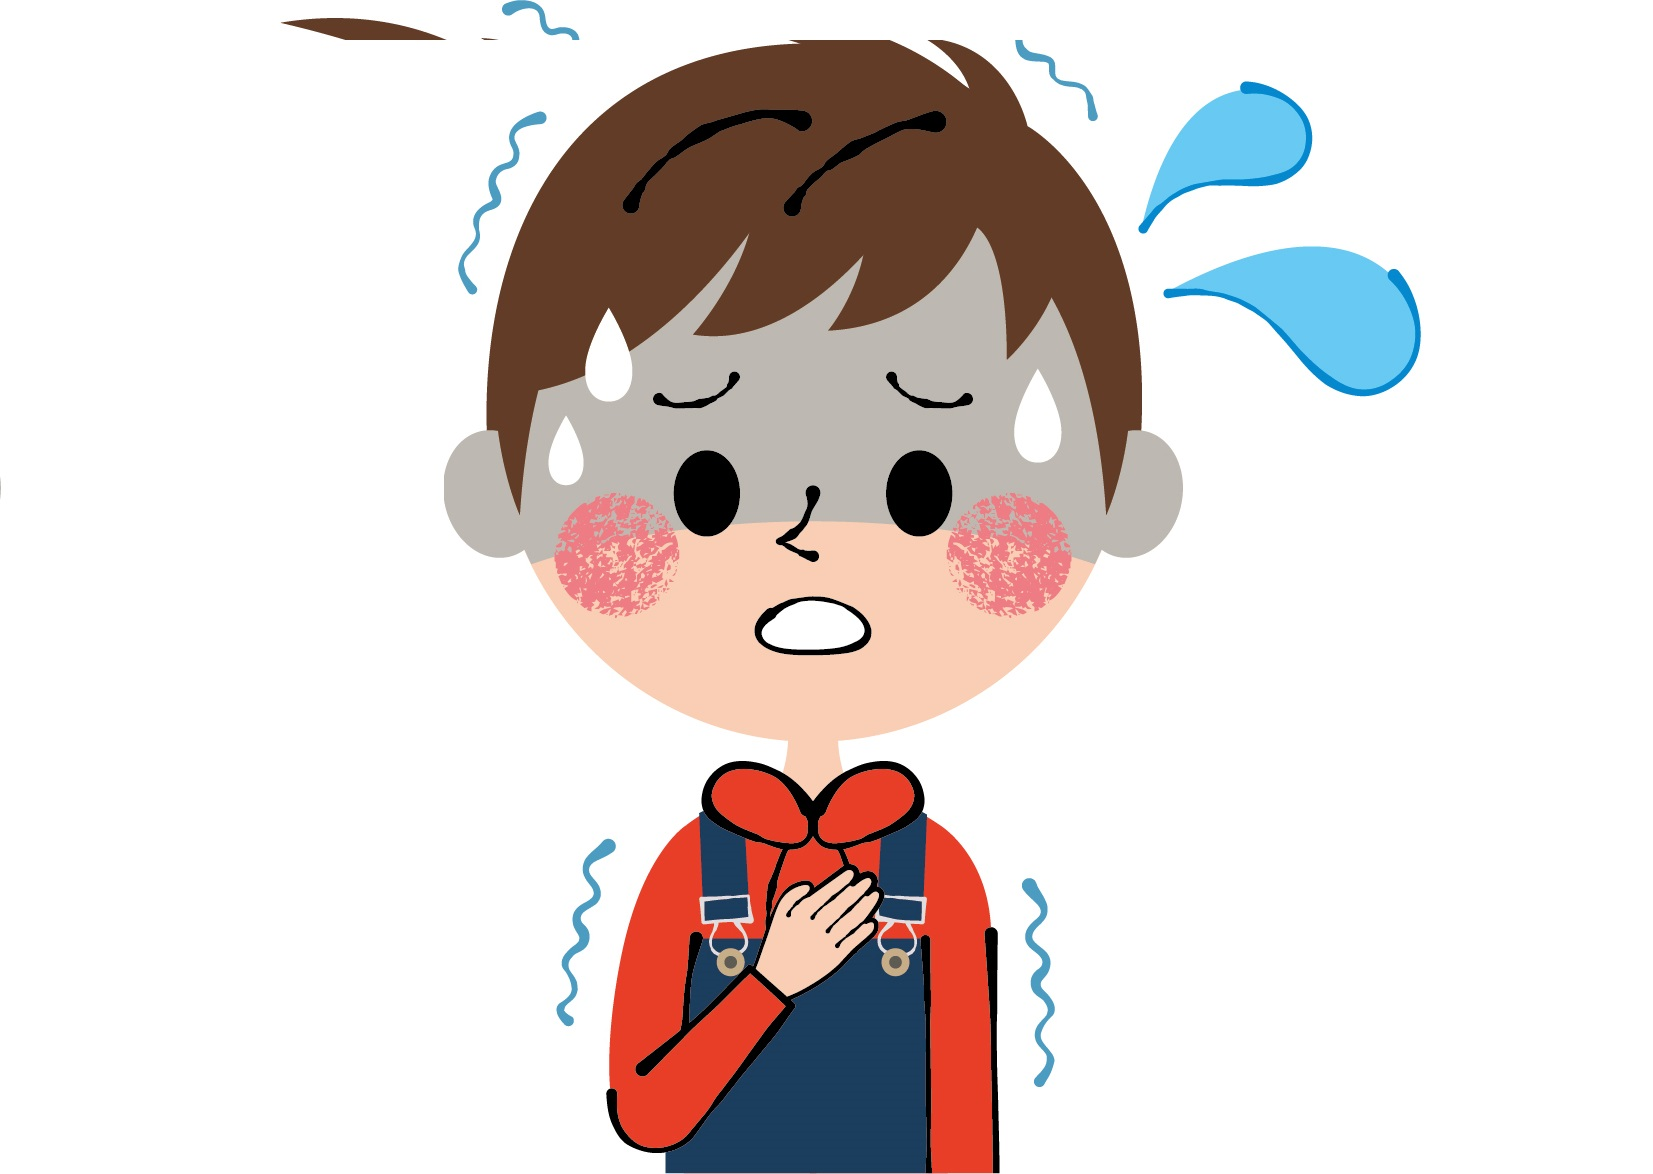 パニック障害は原因と過呼吸などの発作の対処法を知ると安心できます。